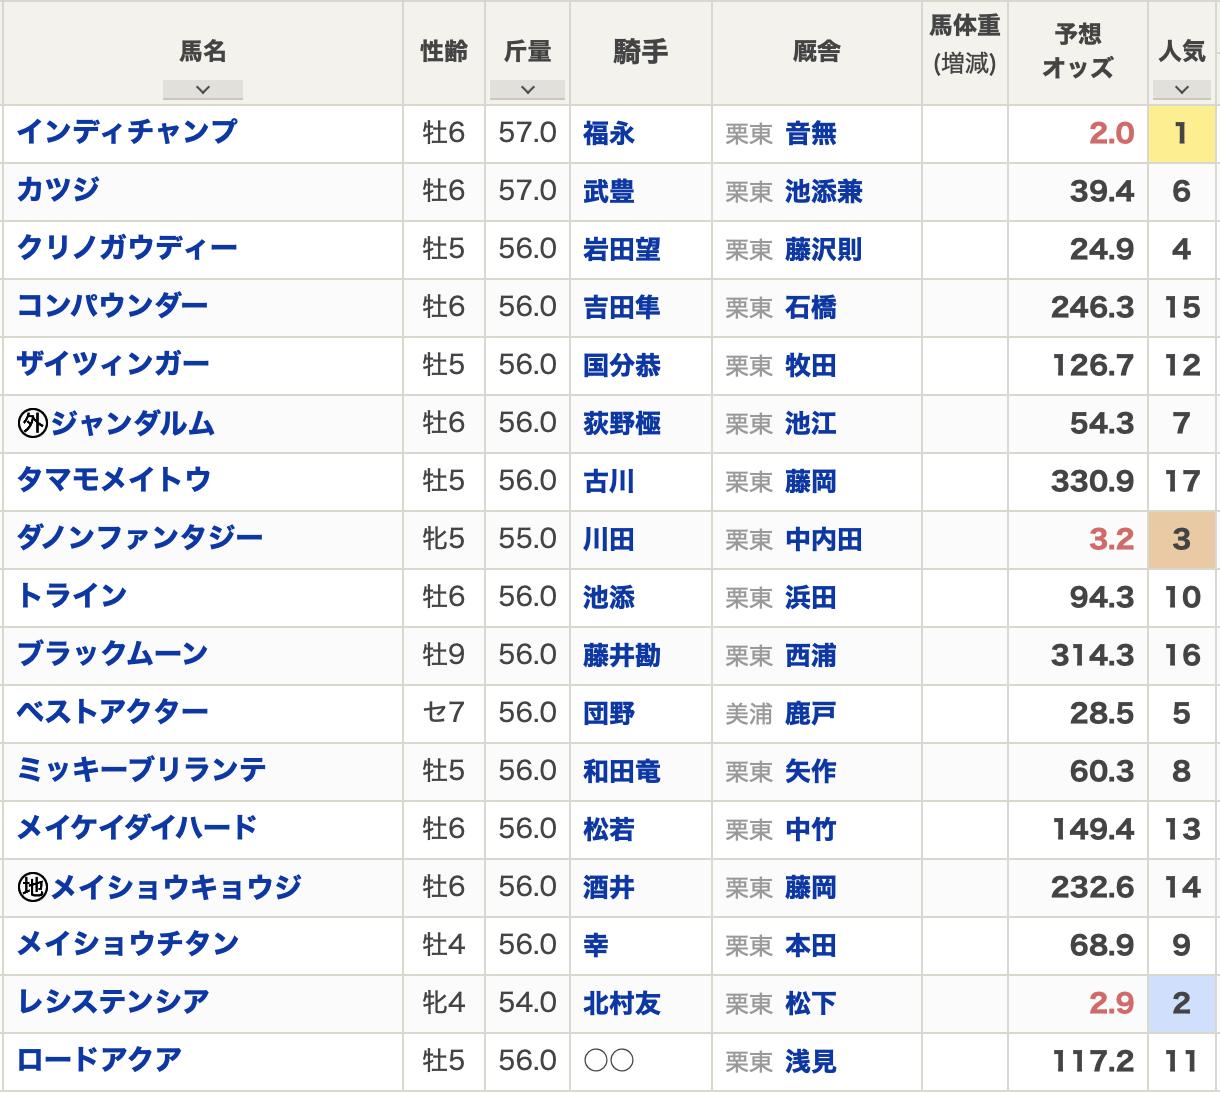 阪急杯2021出走表